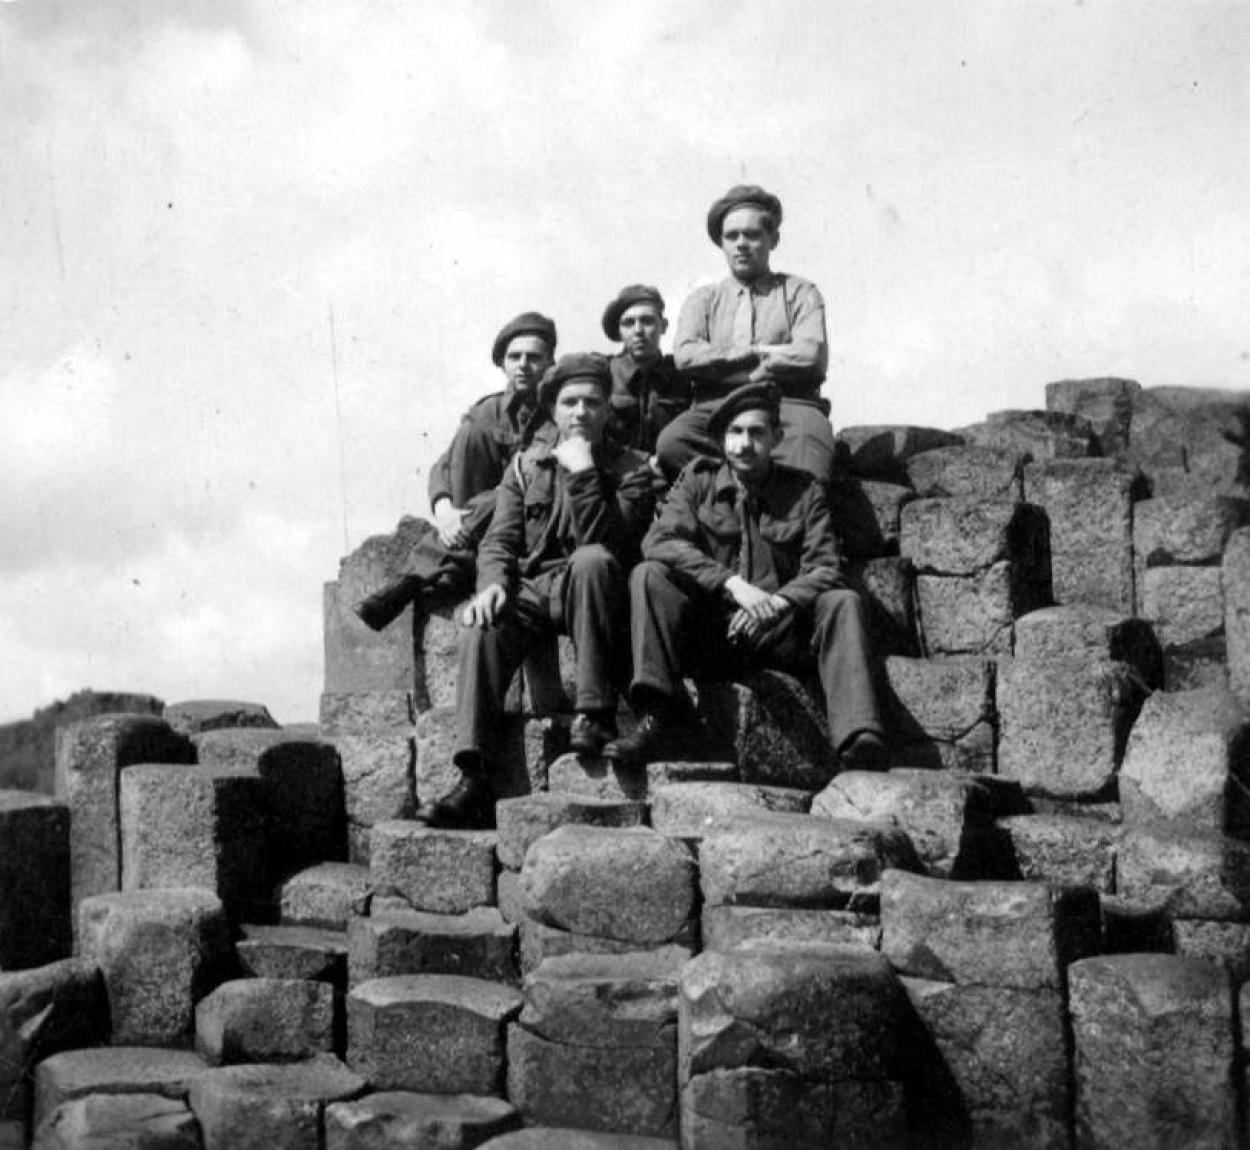 82114-troupes-belges-en-irlande.jpg